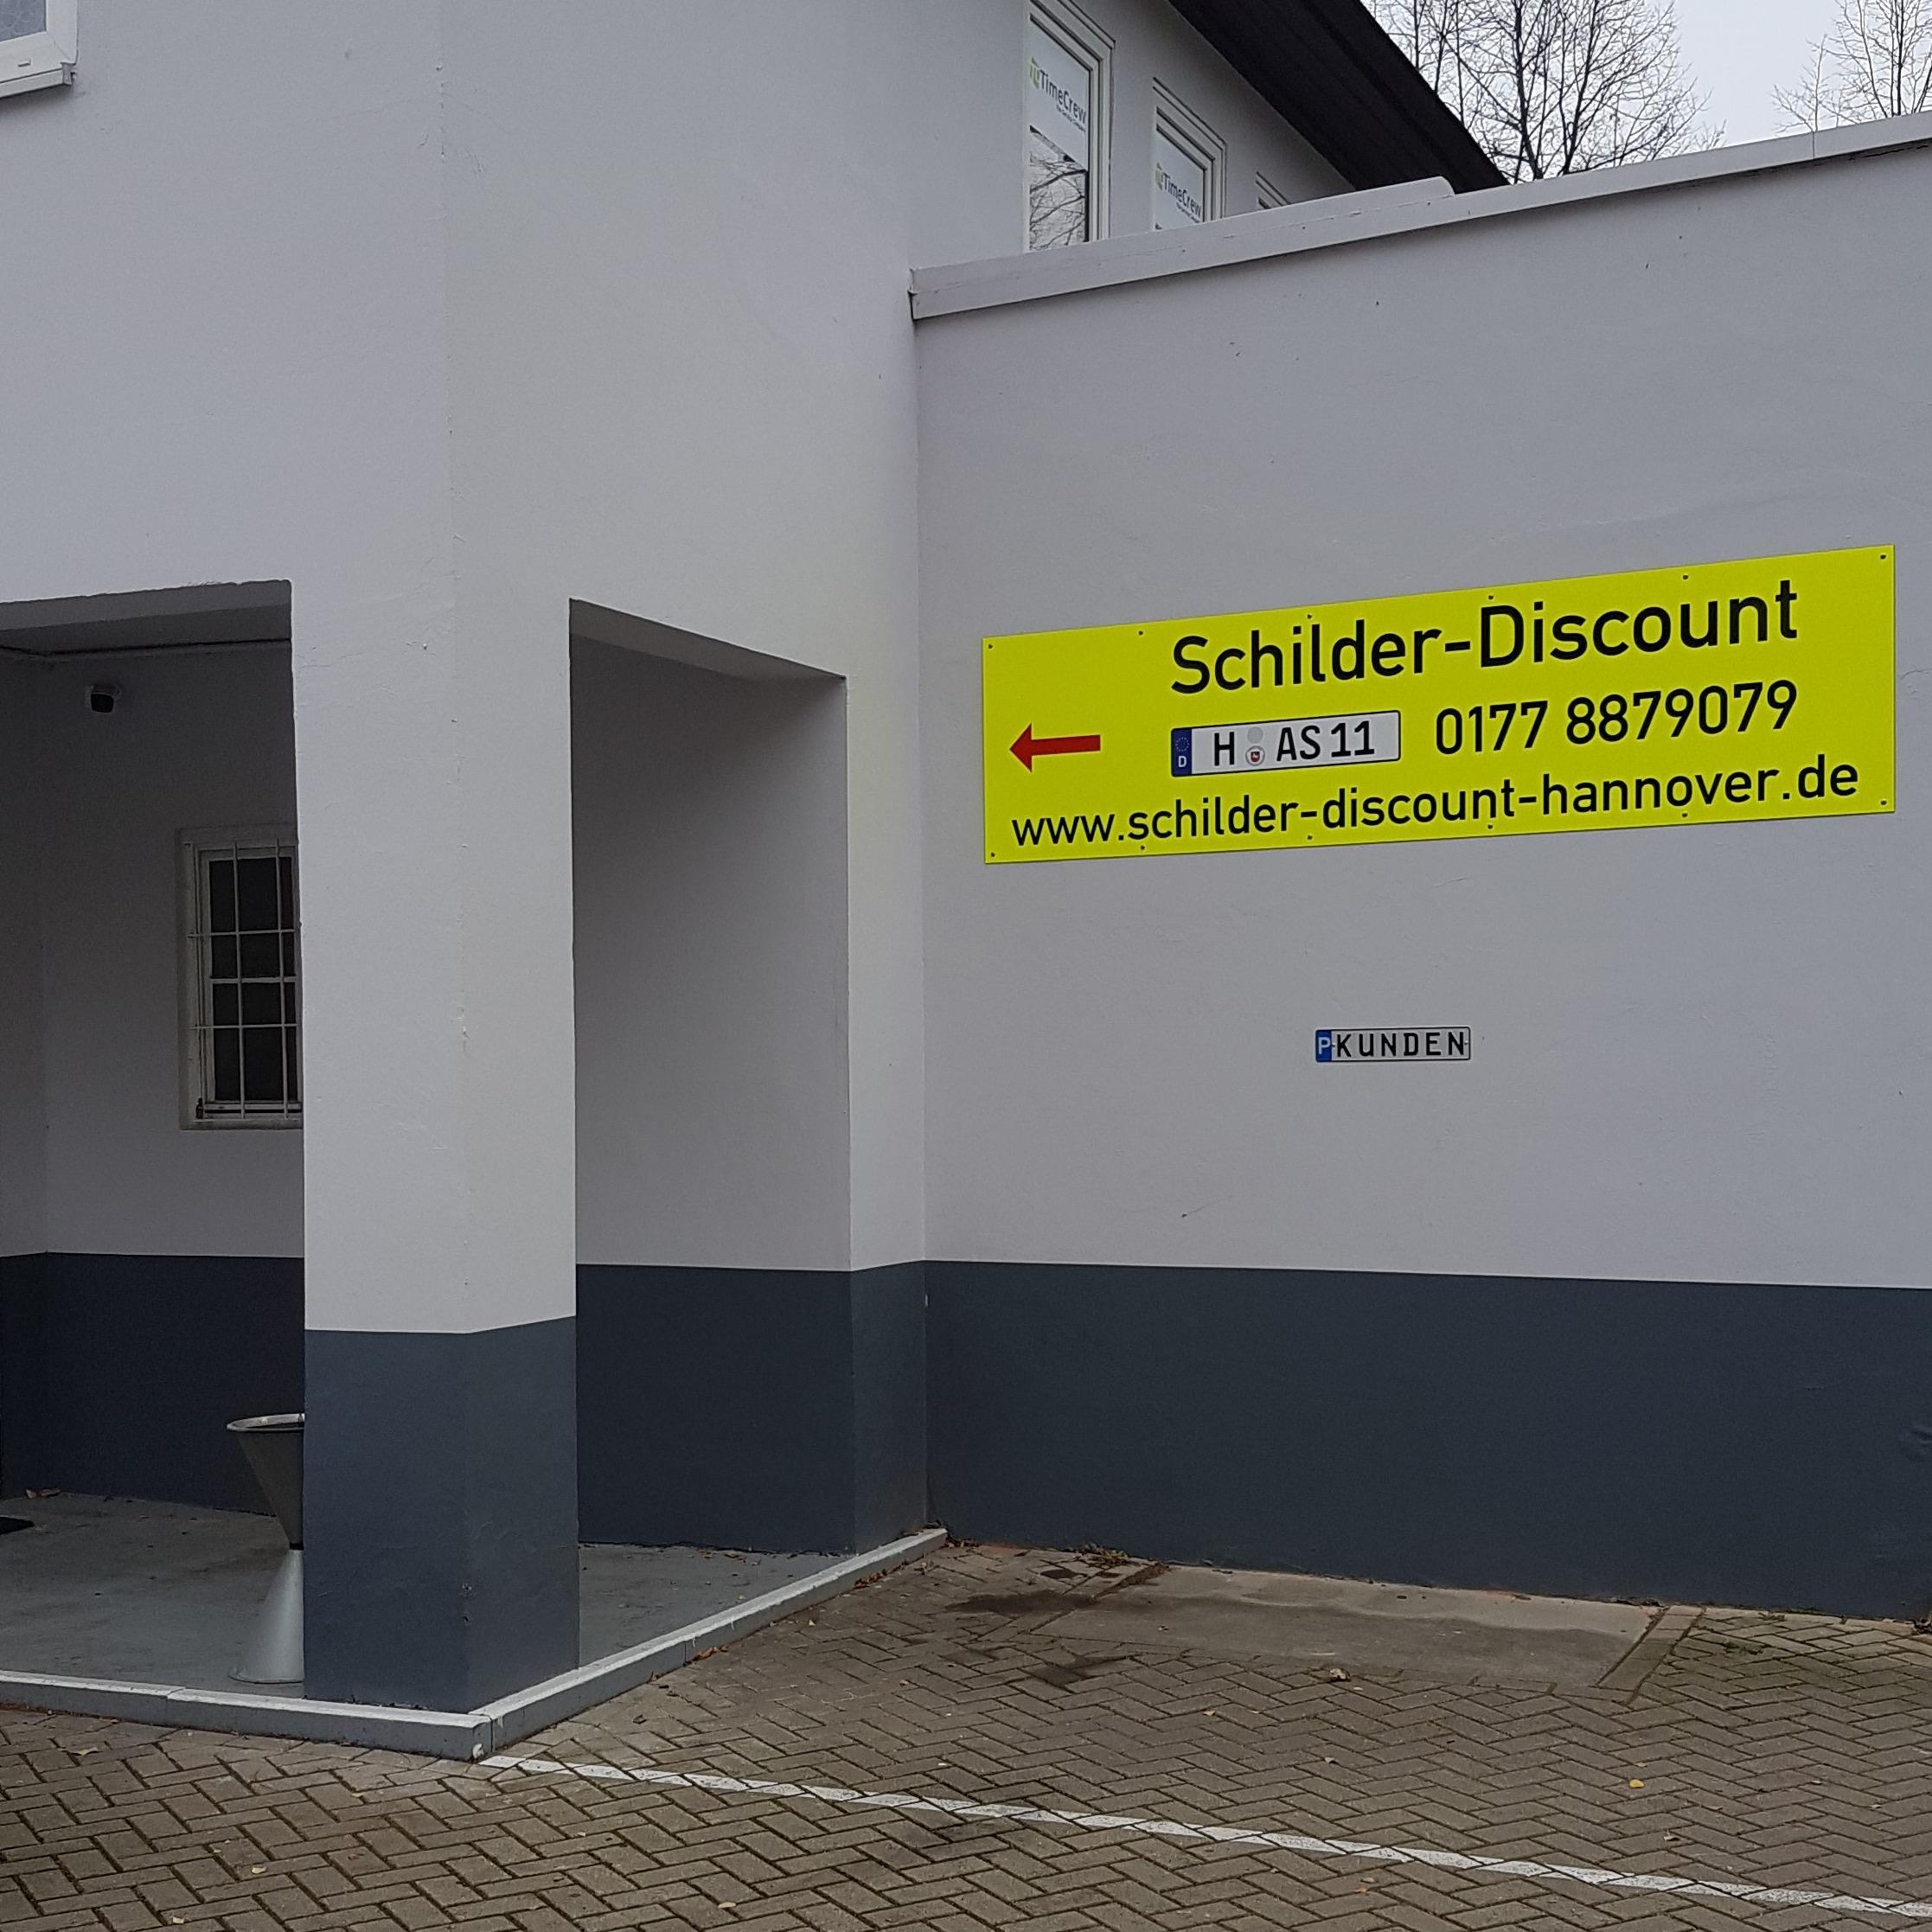 Bild zu Schilder Discount Hannover & Zulassungsdienst Bernd Stolte in Hannover